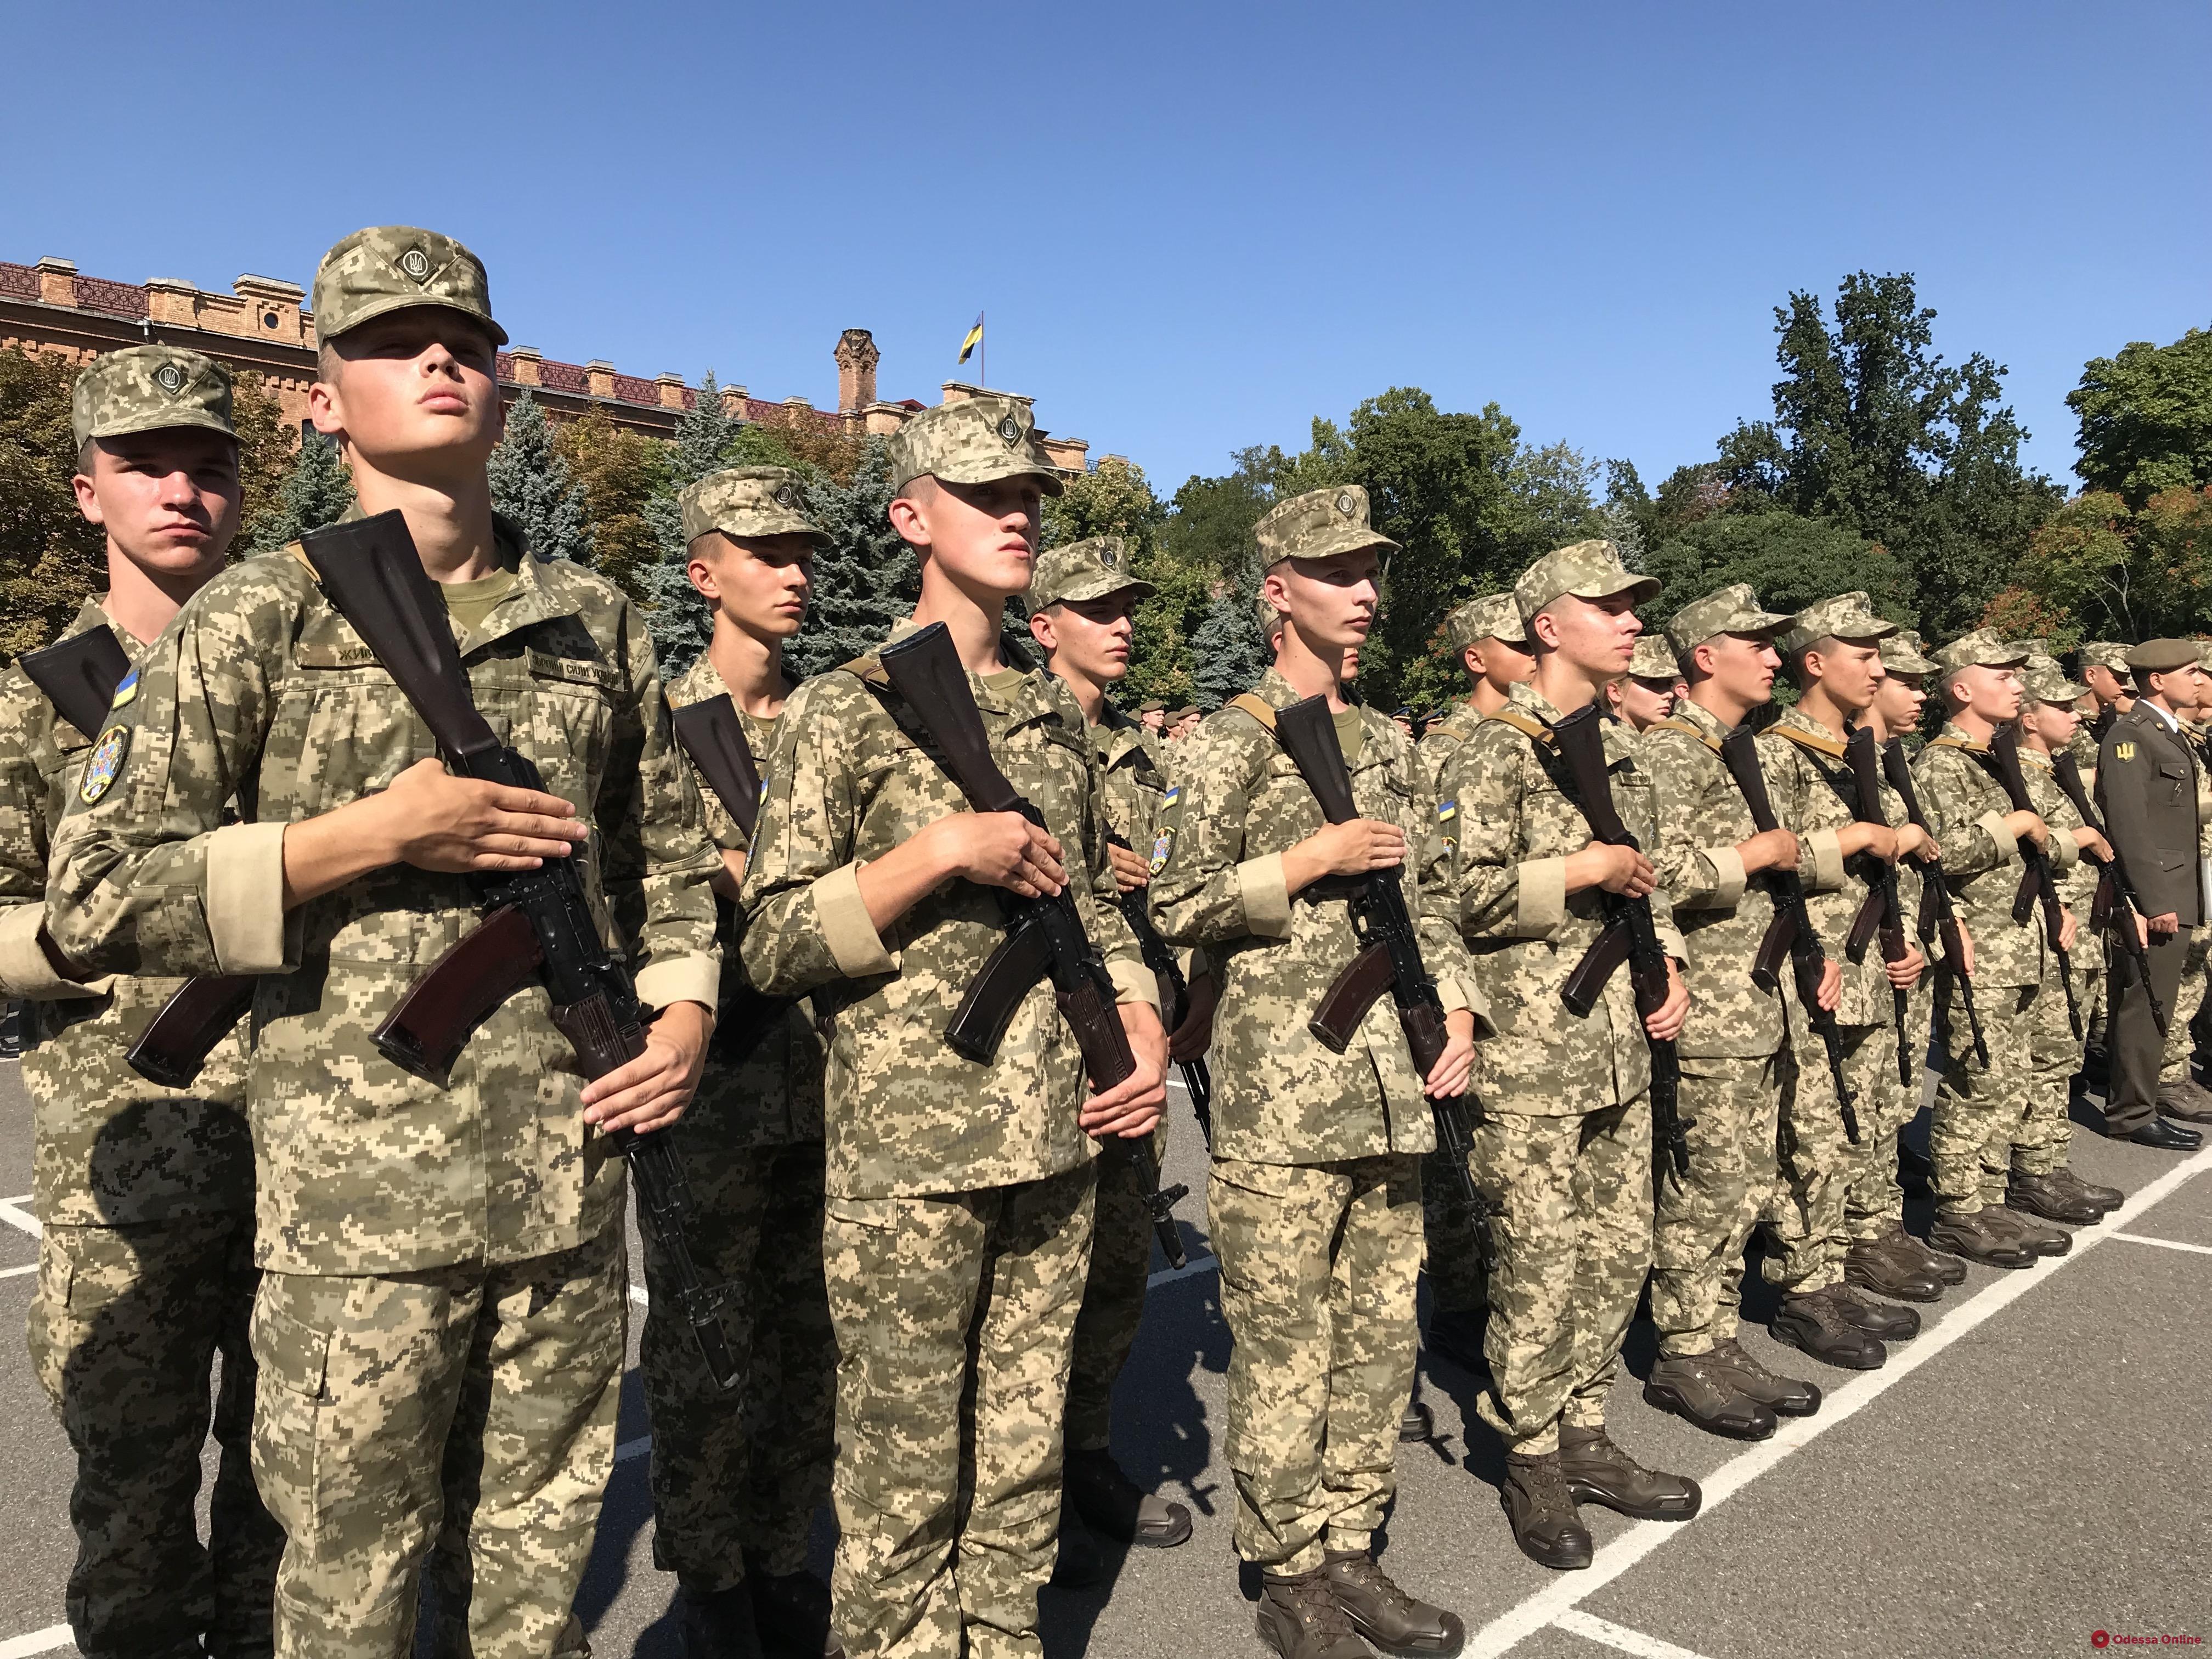 Одесса: 294 курсанта Военной академии присягнули на верность Украине (фото, видео)